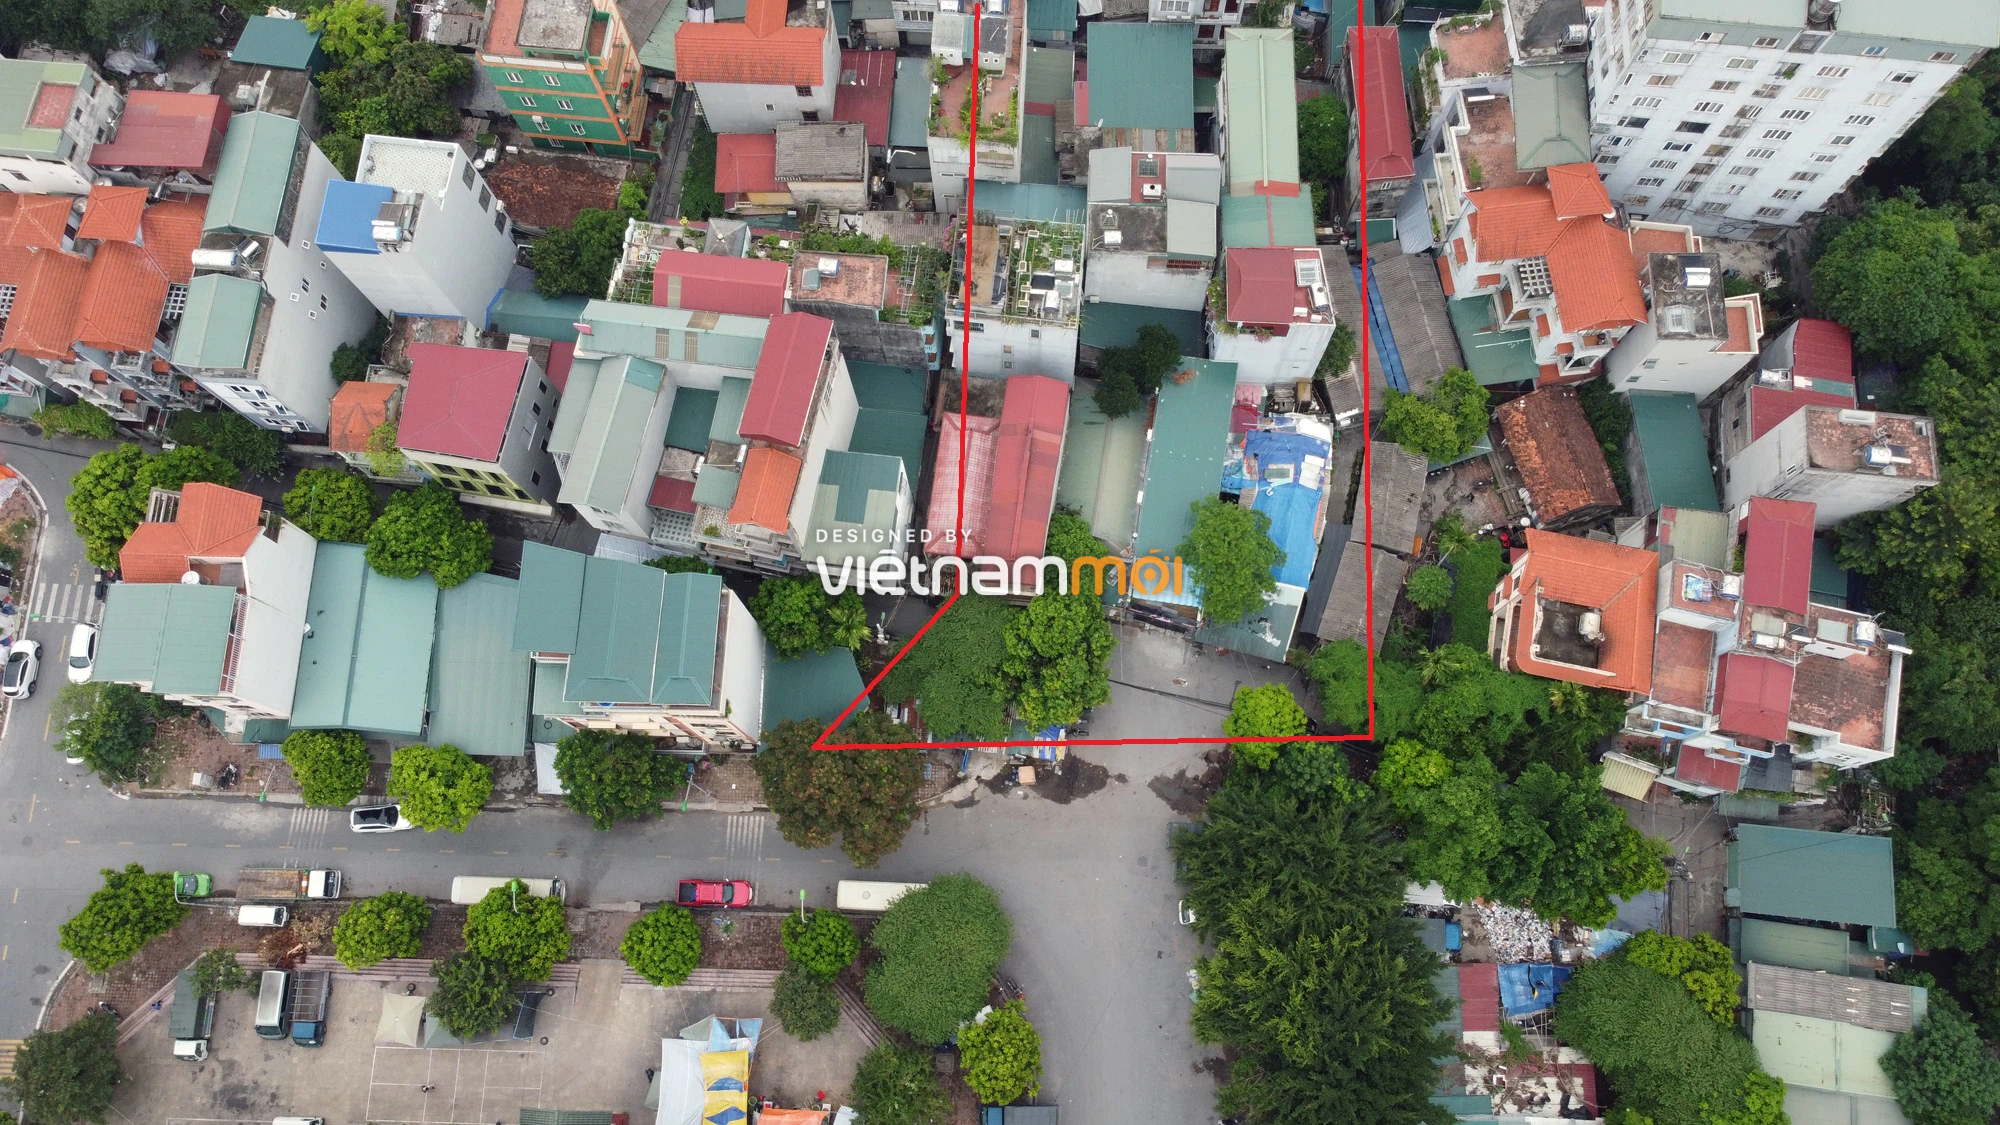 Những khu đất sắp thu hồi để mở đường ở phường Trung Văn, Nam Từ Liêm, Hà Nội (phần 1) - Ảnh 4.